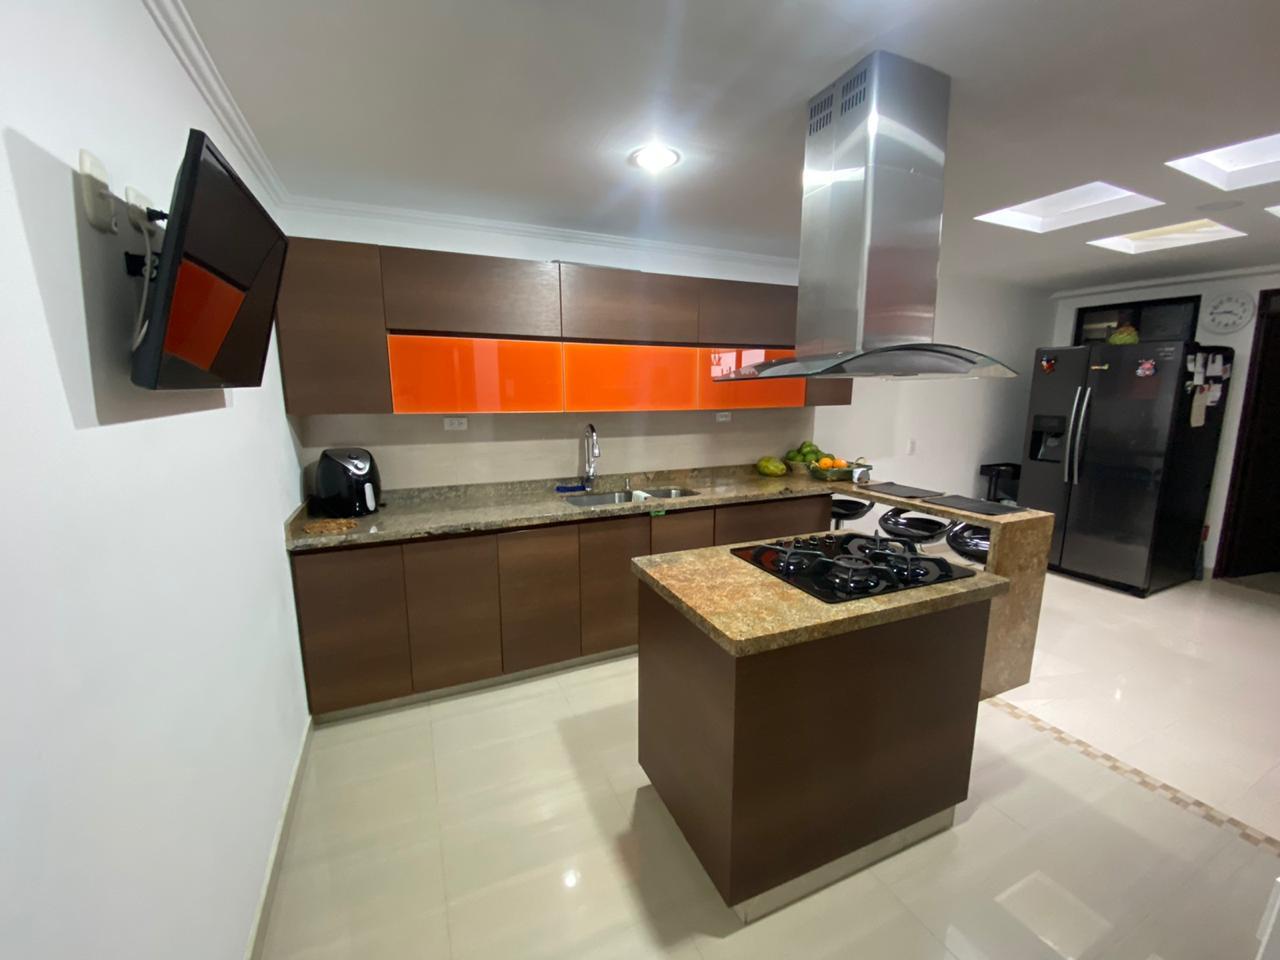 CV-0560 Se vende casa en Chinchiná, en sector residencial, muy bien ubicada.